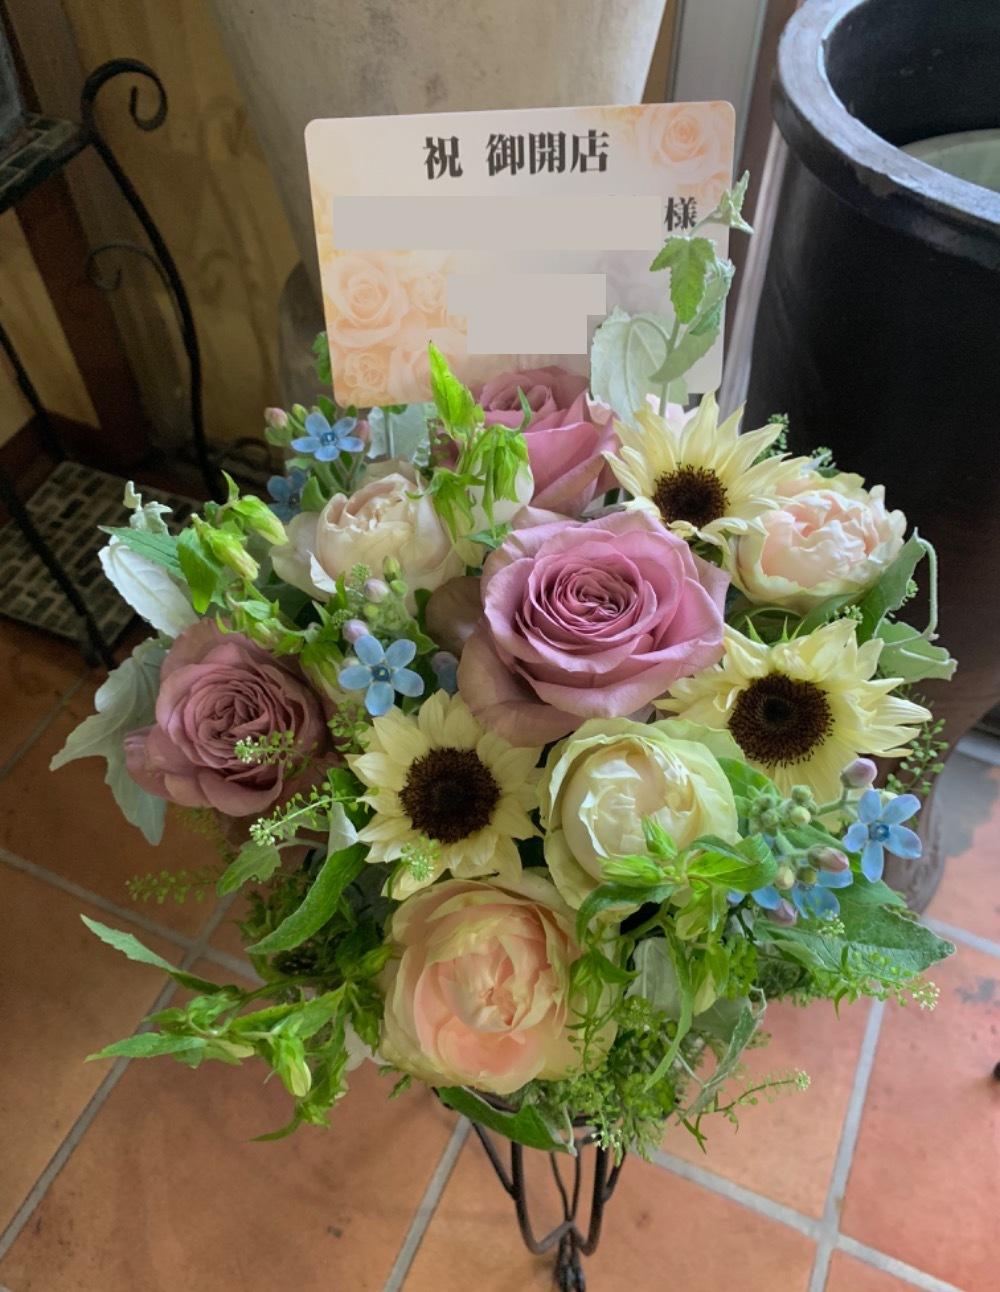 日本料理店様のナチュラルでさわやかな優しい雰囲気あふれるご開店お祝い花